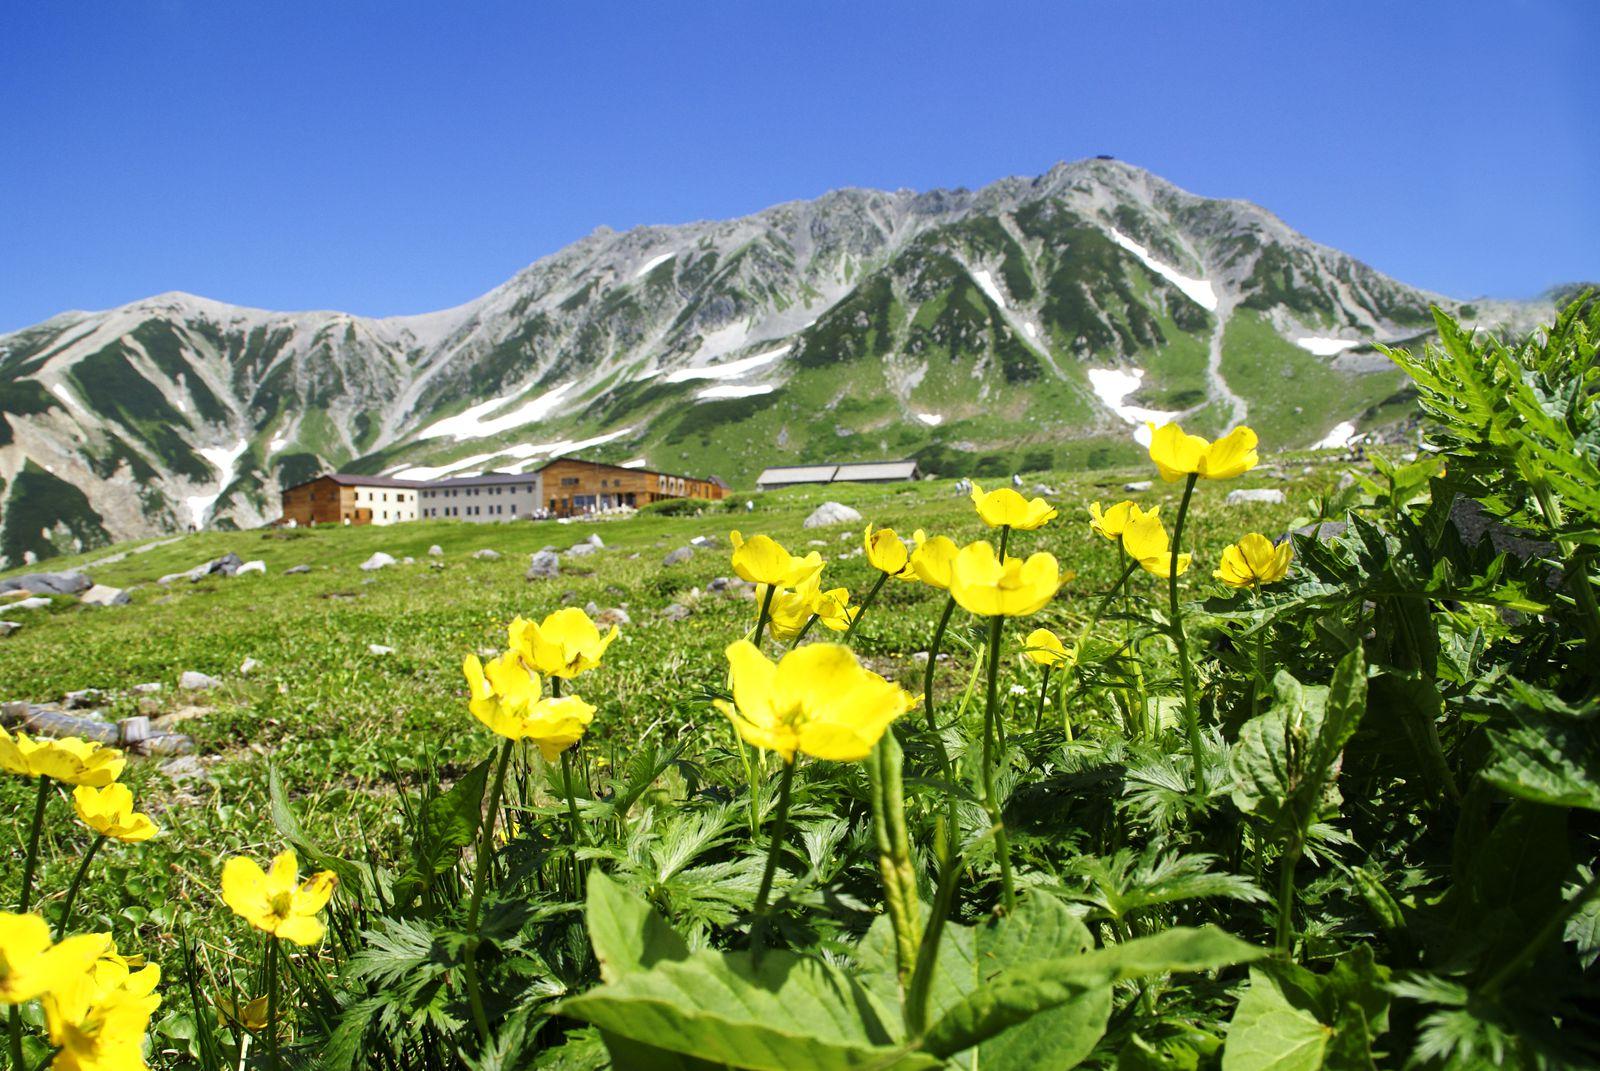 本当の絶景に会いに!この夏こそ「立山黒部アルペンルート」に行くべき7つの理由